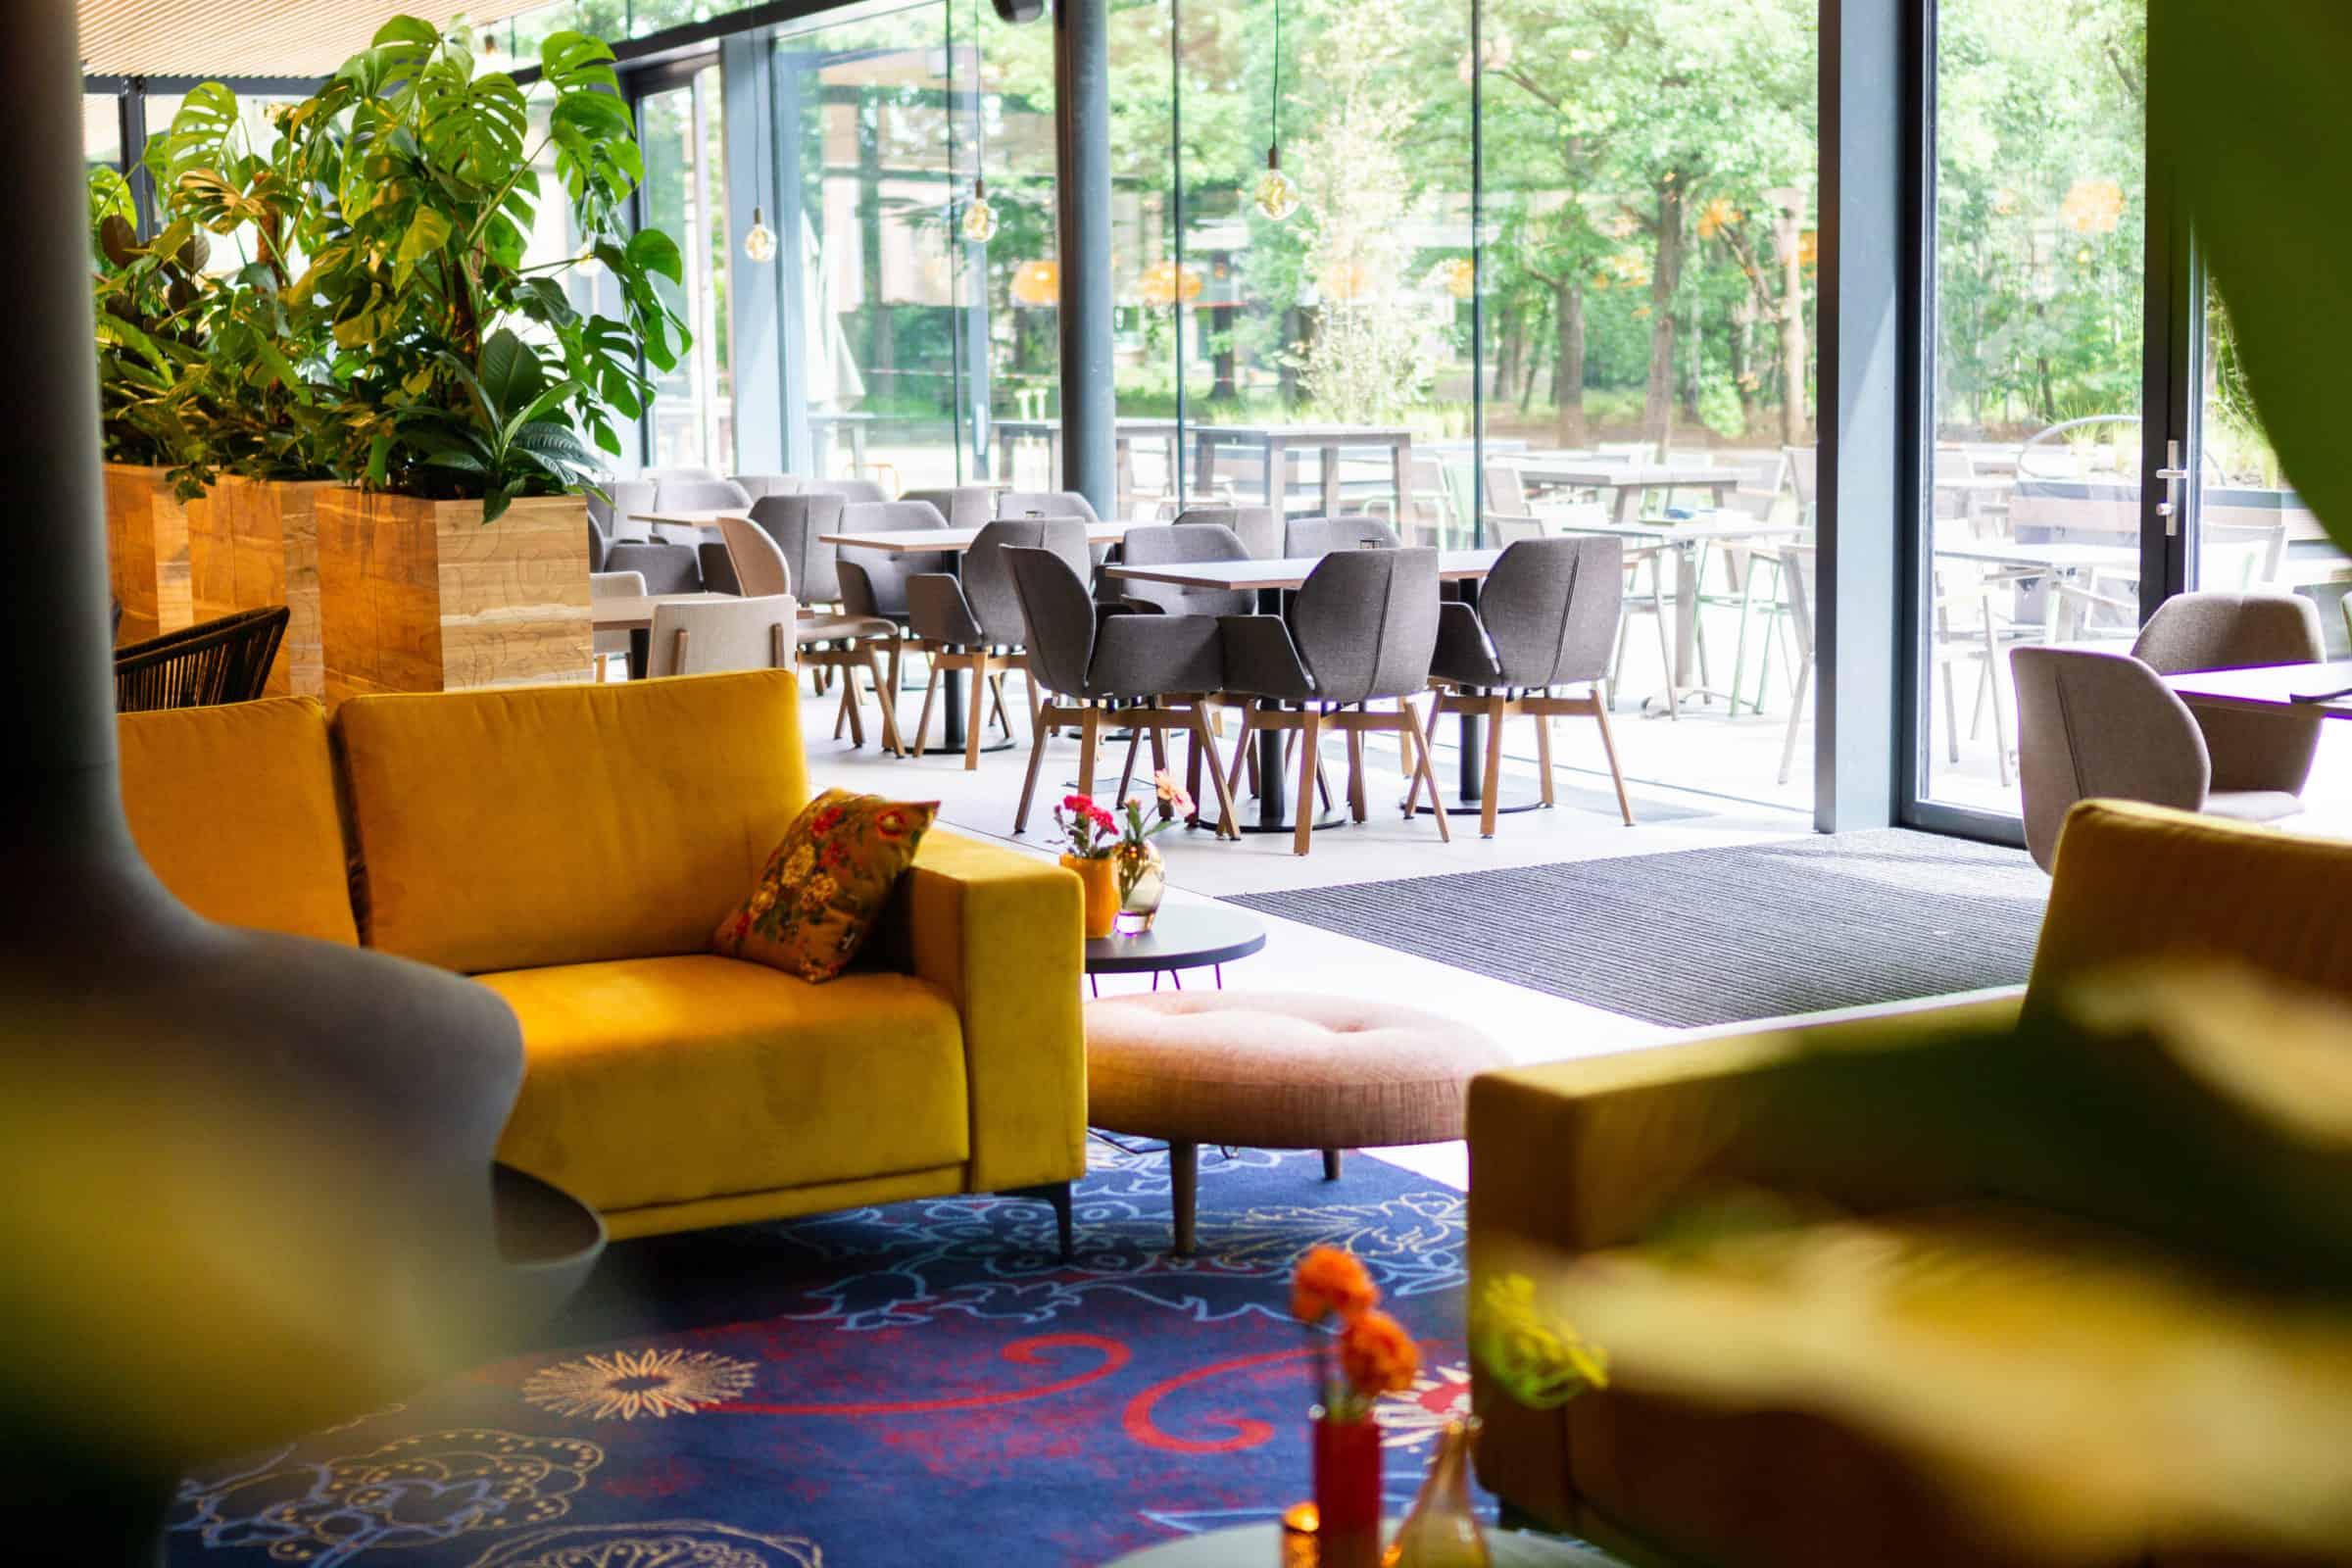 KonneKt- Restaurant Kontakt der Kontinenten met tafels met stoelen